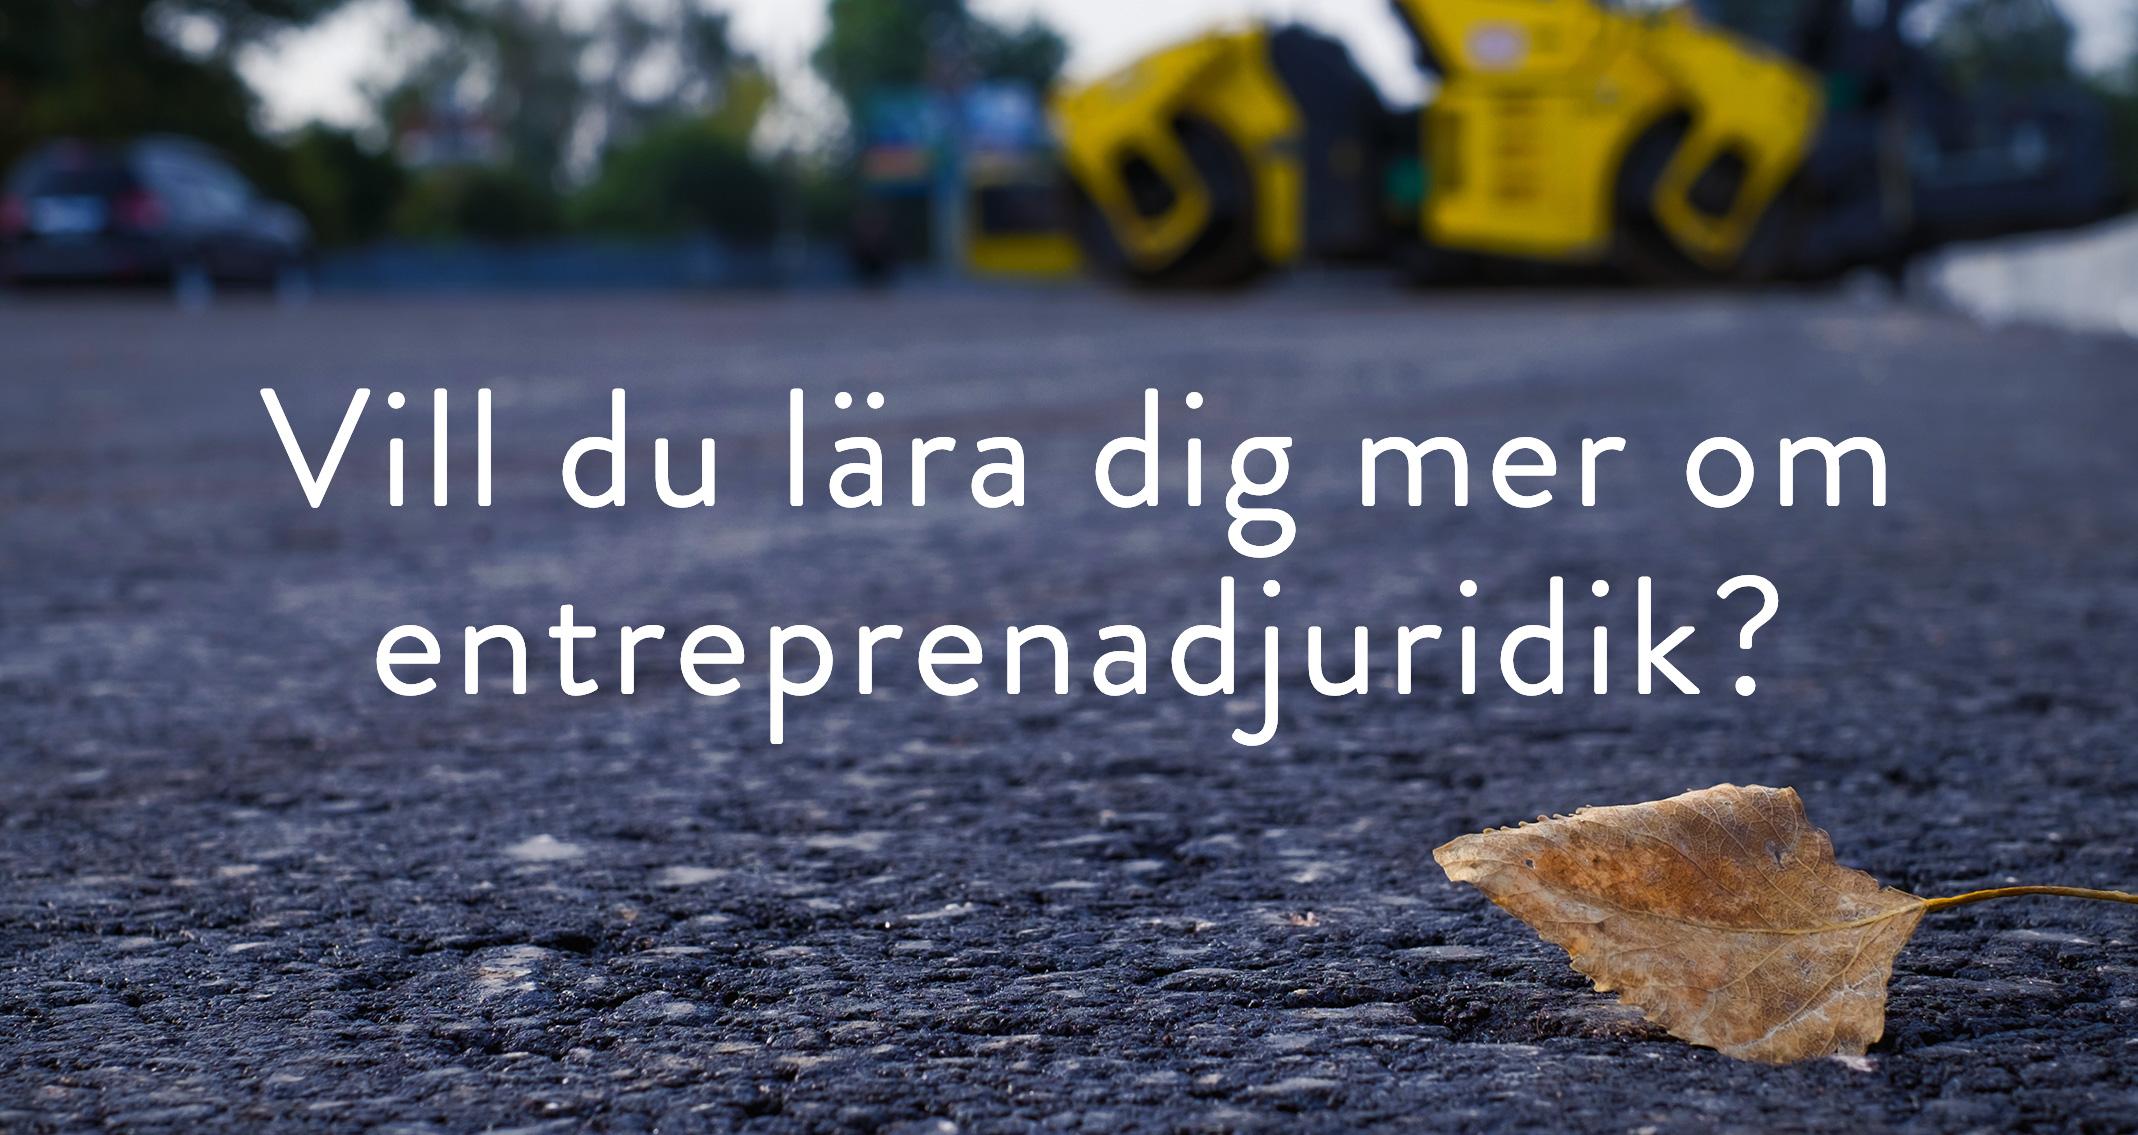 Rabatterade kurser i entreprenadjuridik för våra användare